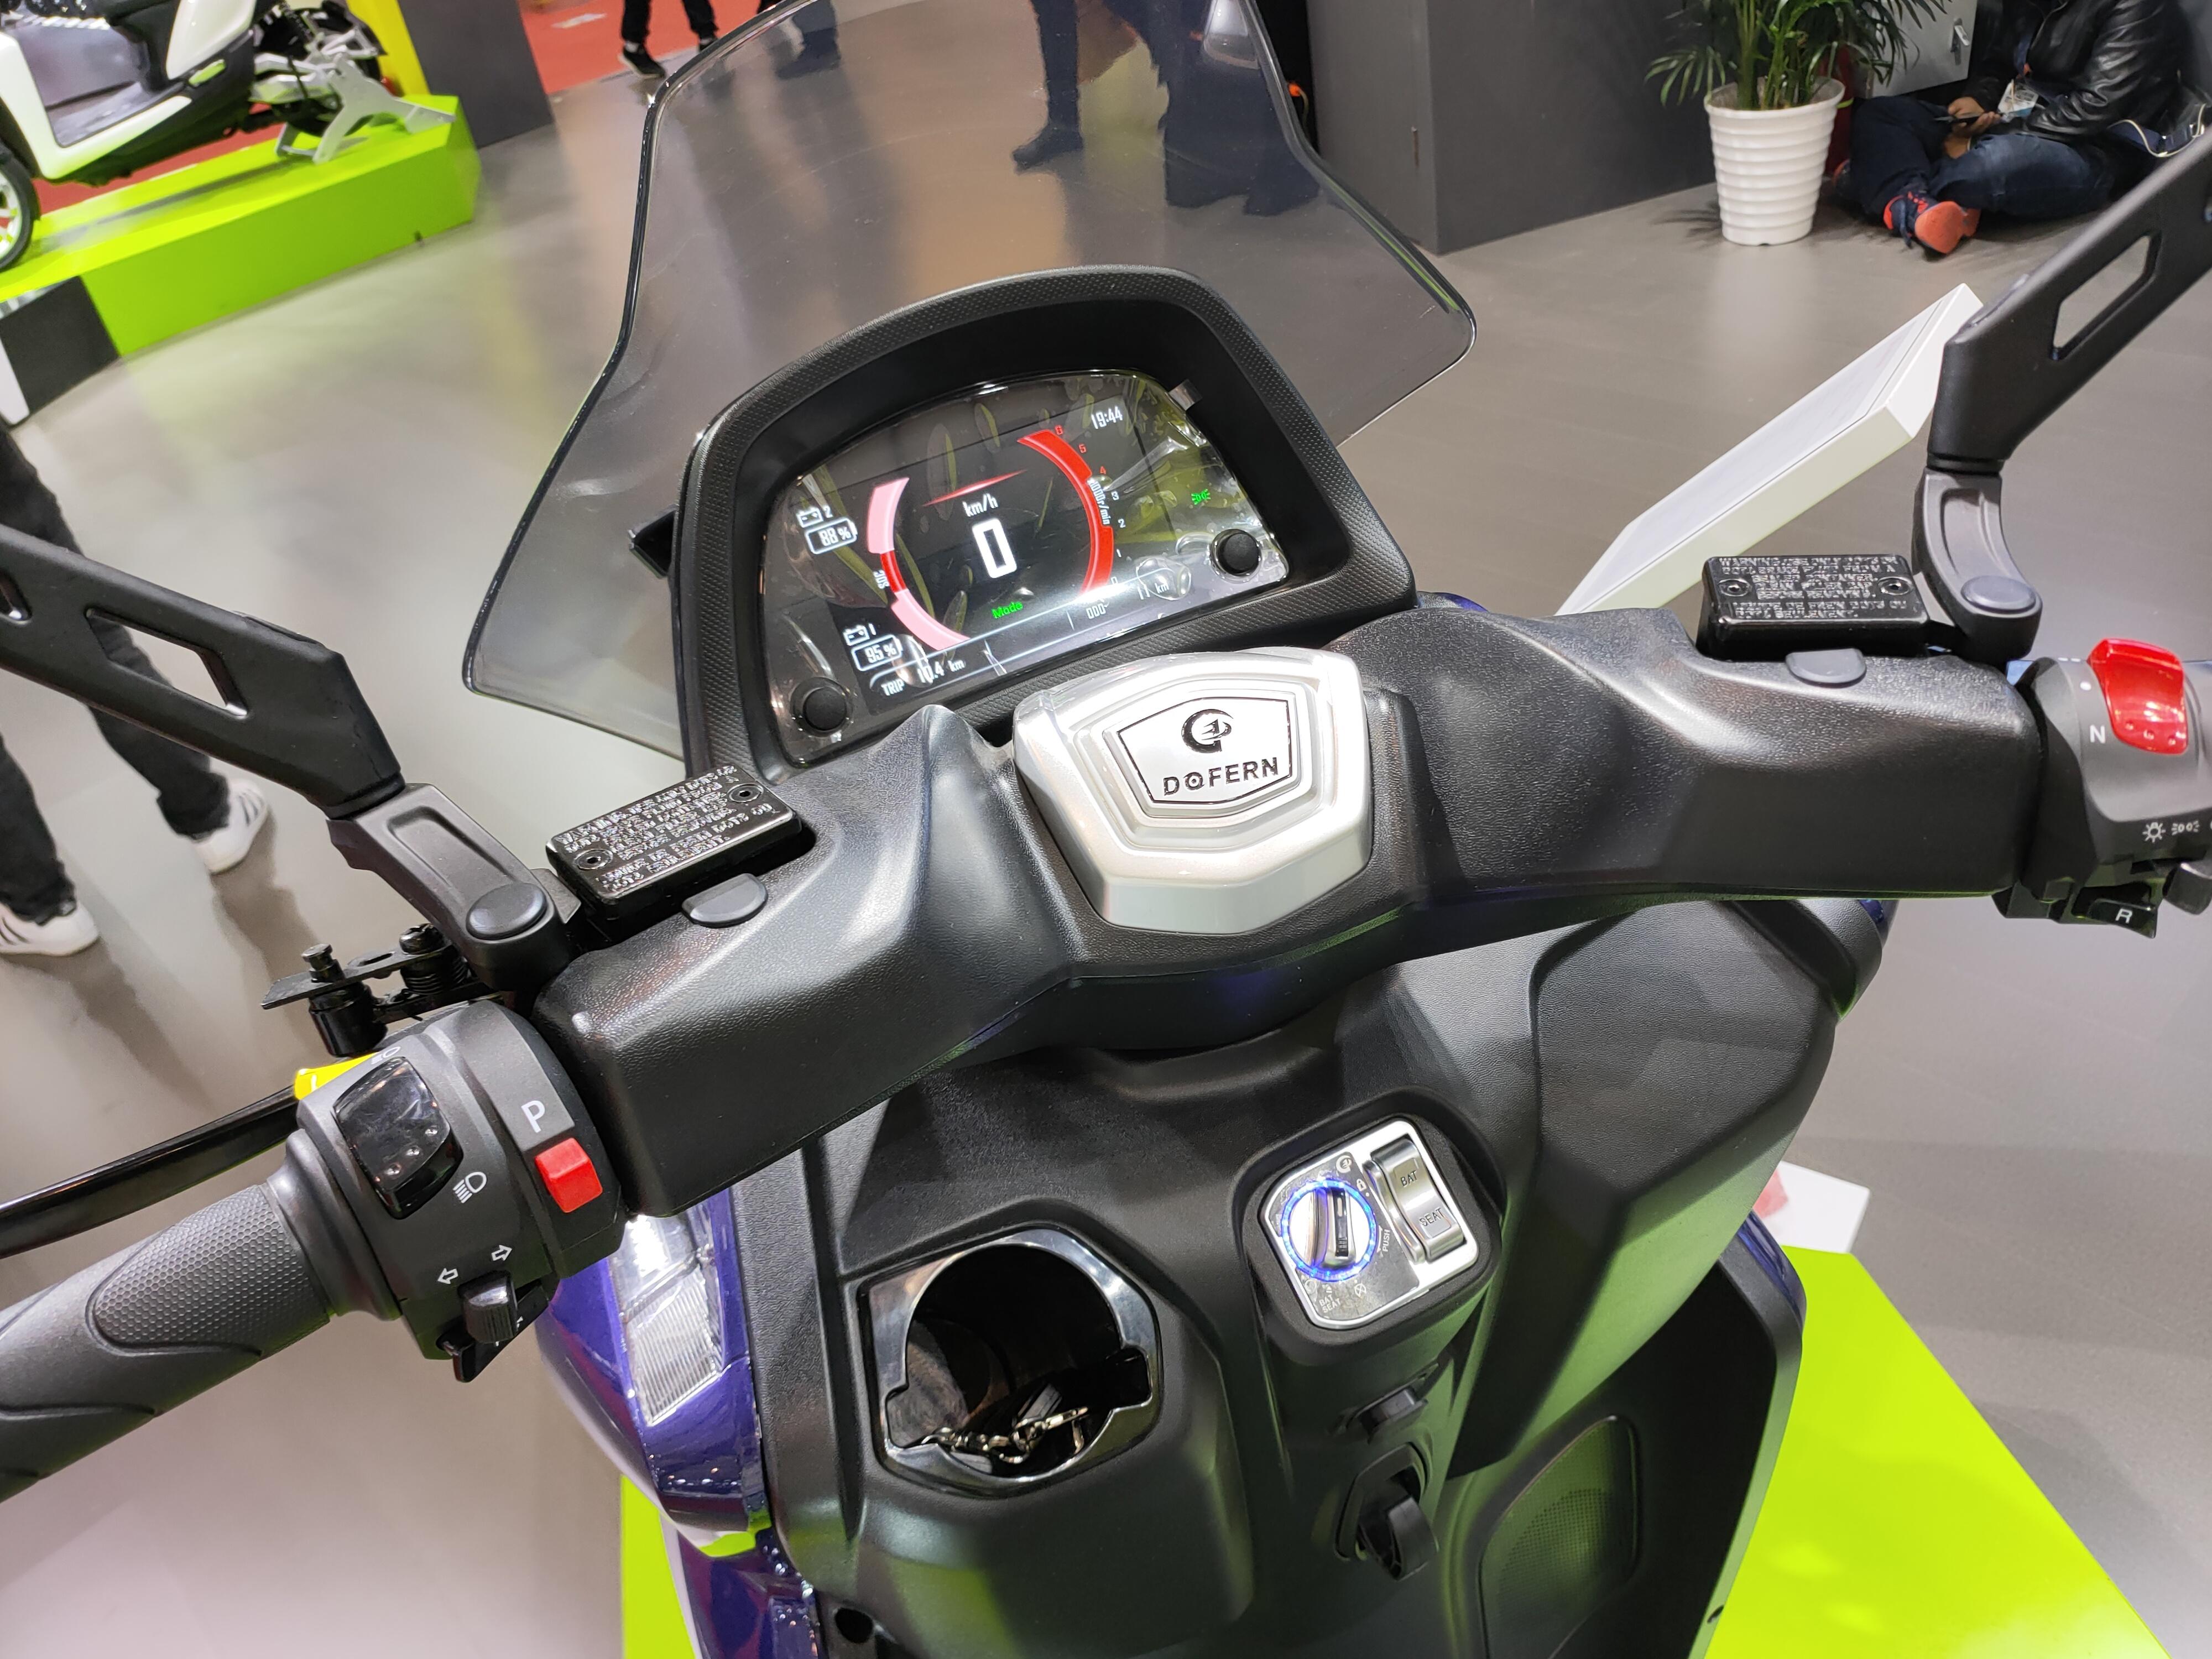 0-100加速仅2秒,标配大容量锂电池,斗风倒三轮电摩评测